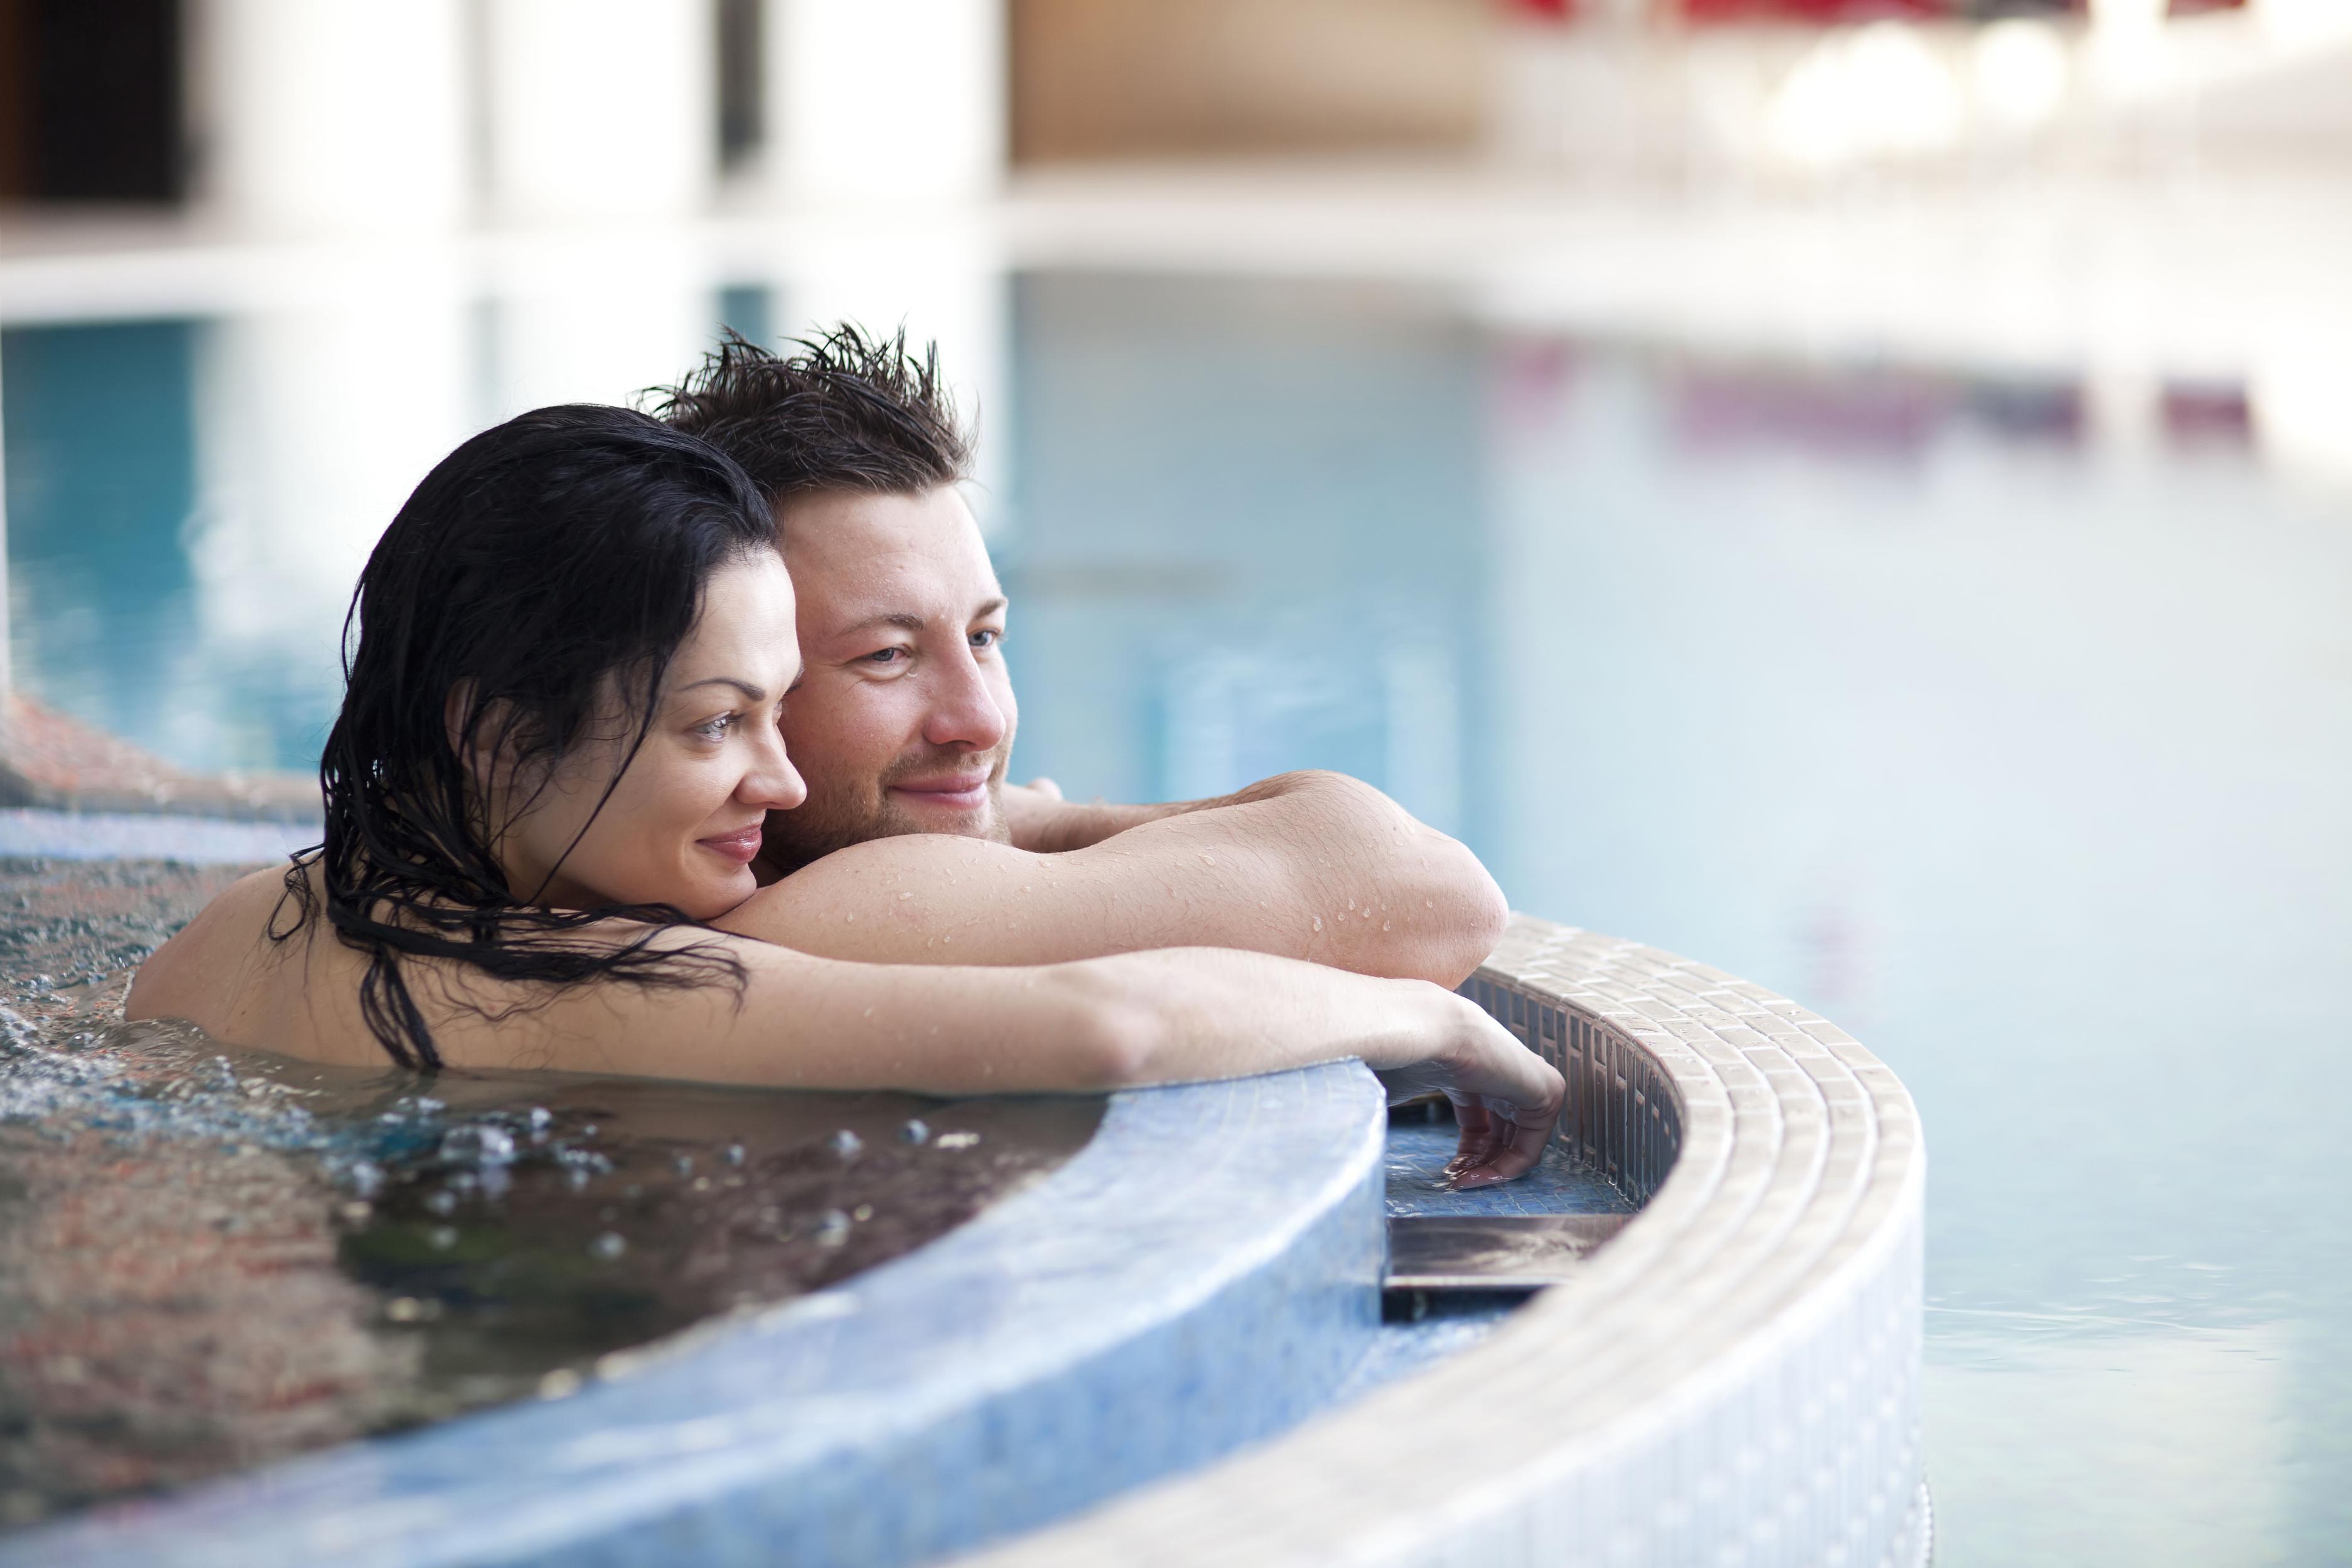 kamp dating massasje asiatisk spa